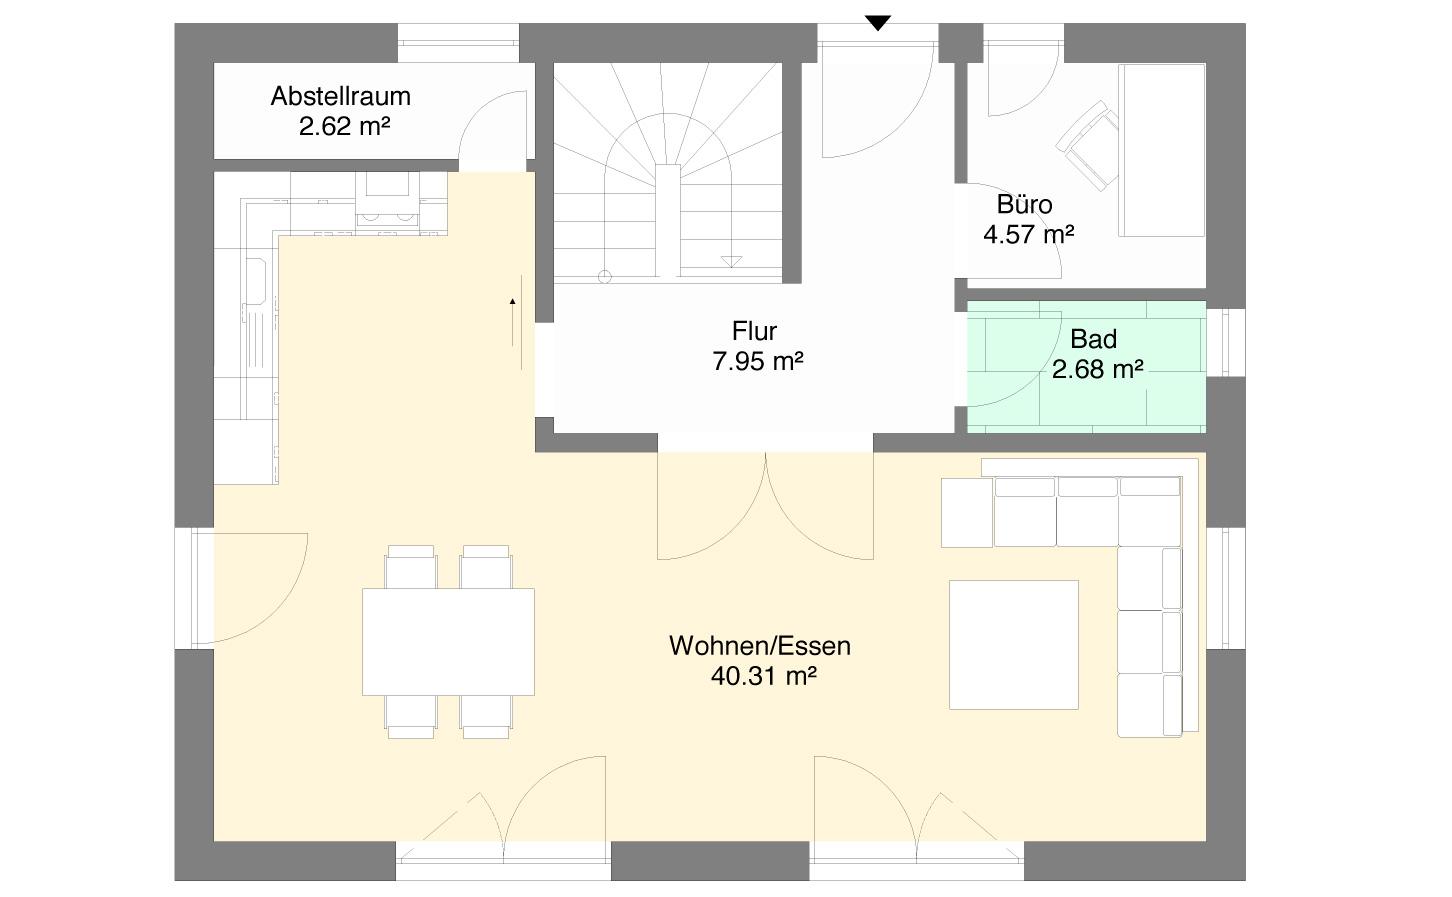 Einfamlienhaus Variante 2 Erdgeschoss